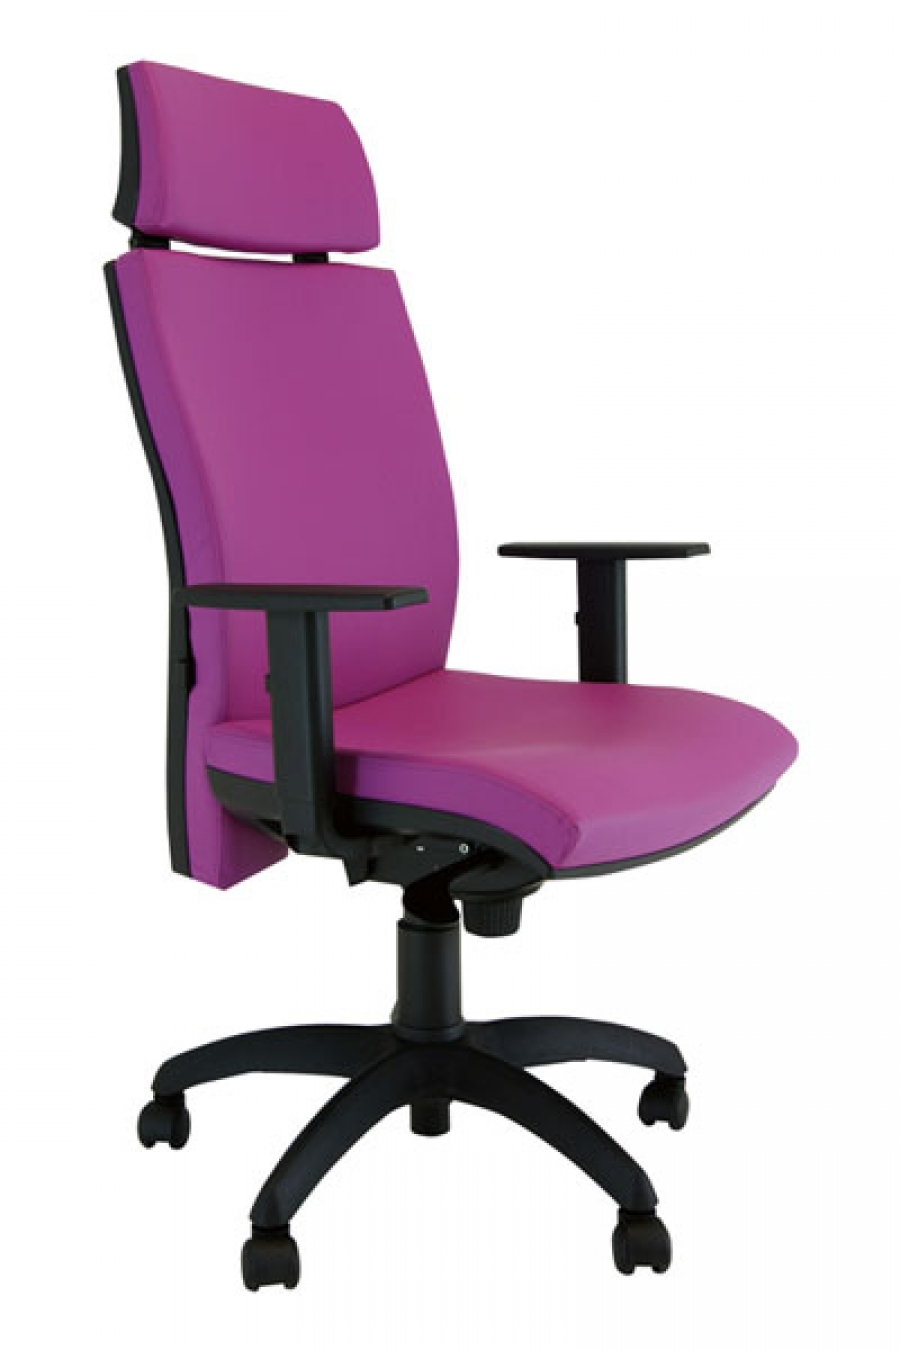 Sillones de oficina modernos for Sillones para oficina